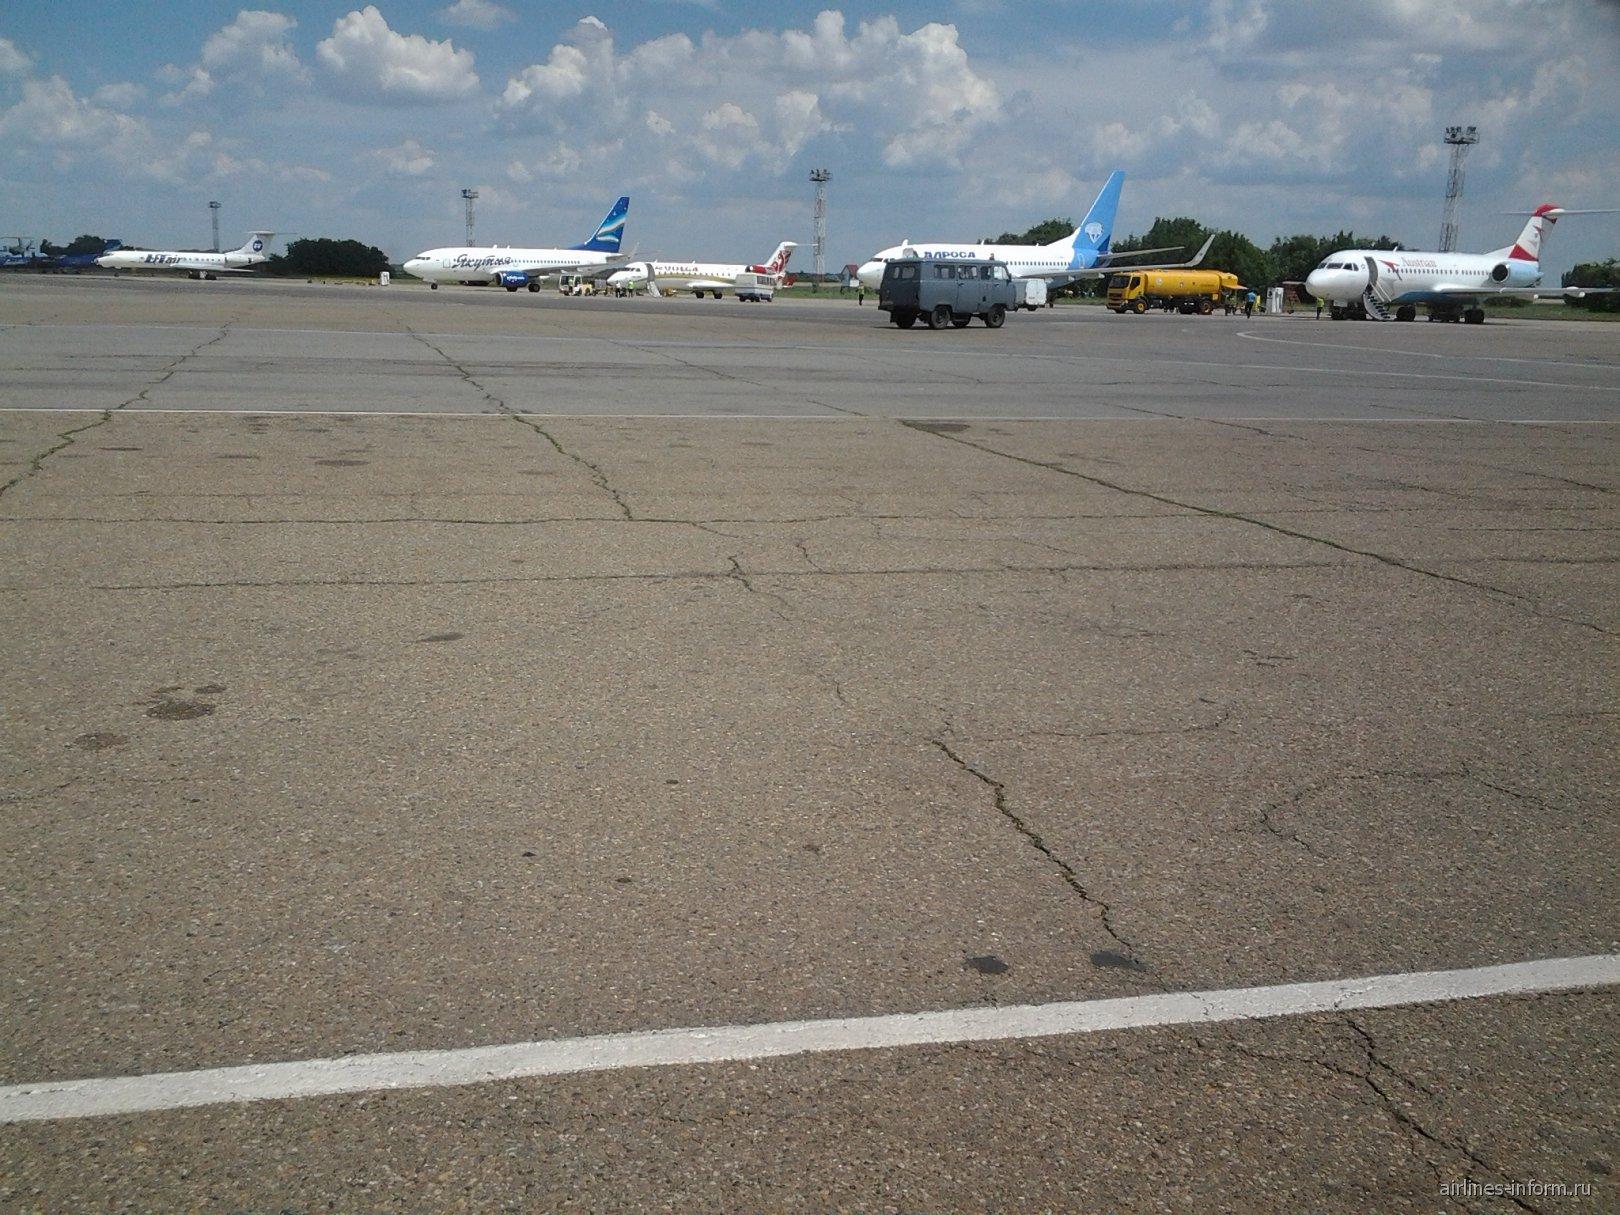 Летное поле аэропорта Краснодар Пашковская